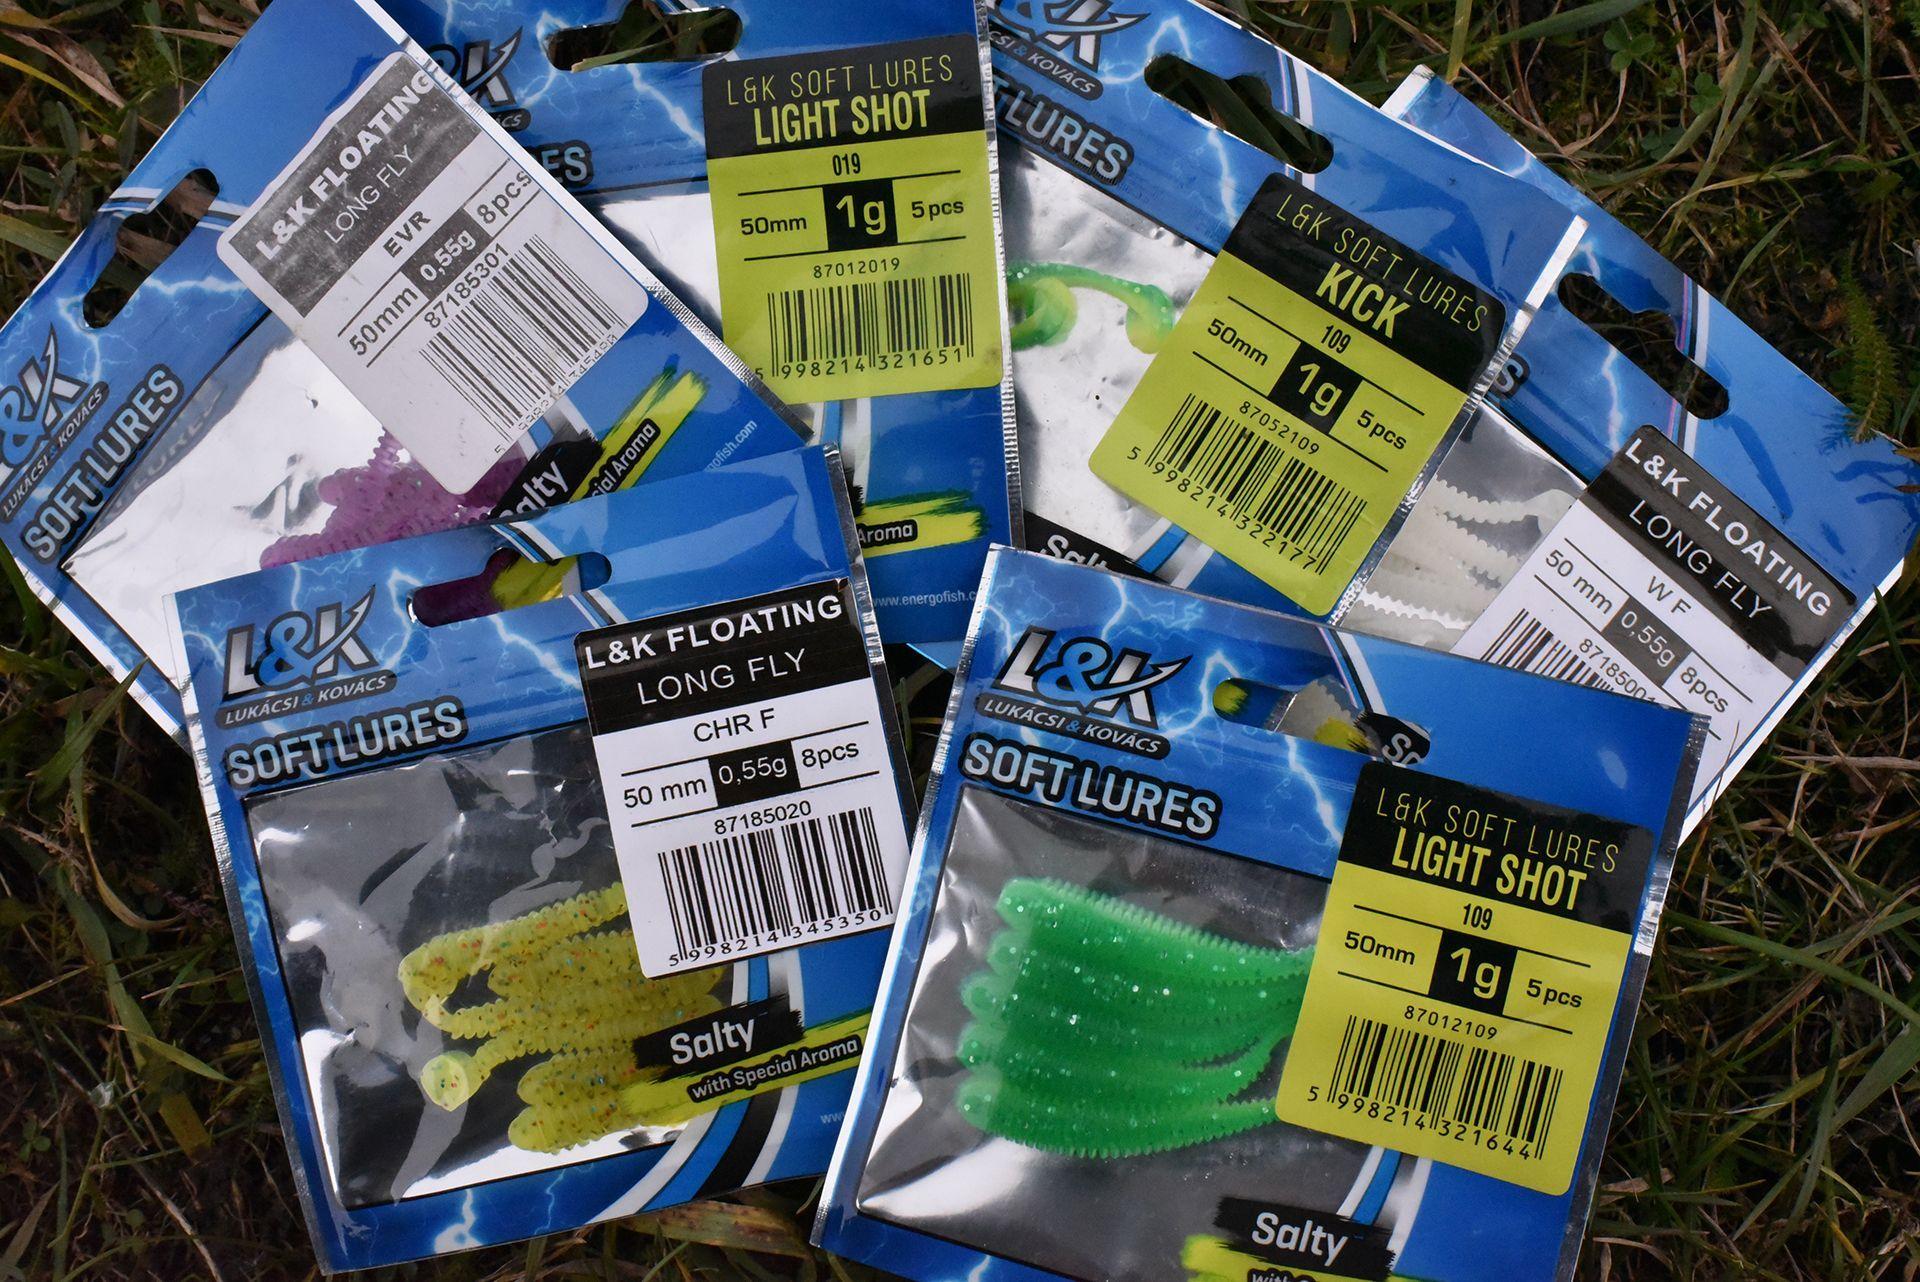 Az L&K plasztik csalik apróbb változatai, melyek tökéletesek a feladatra